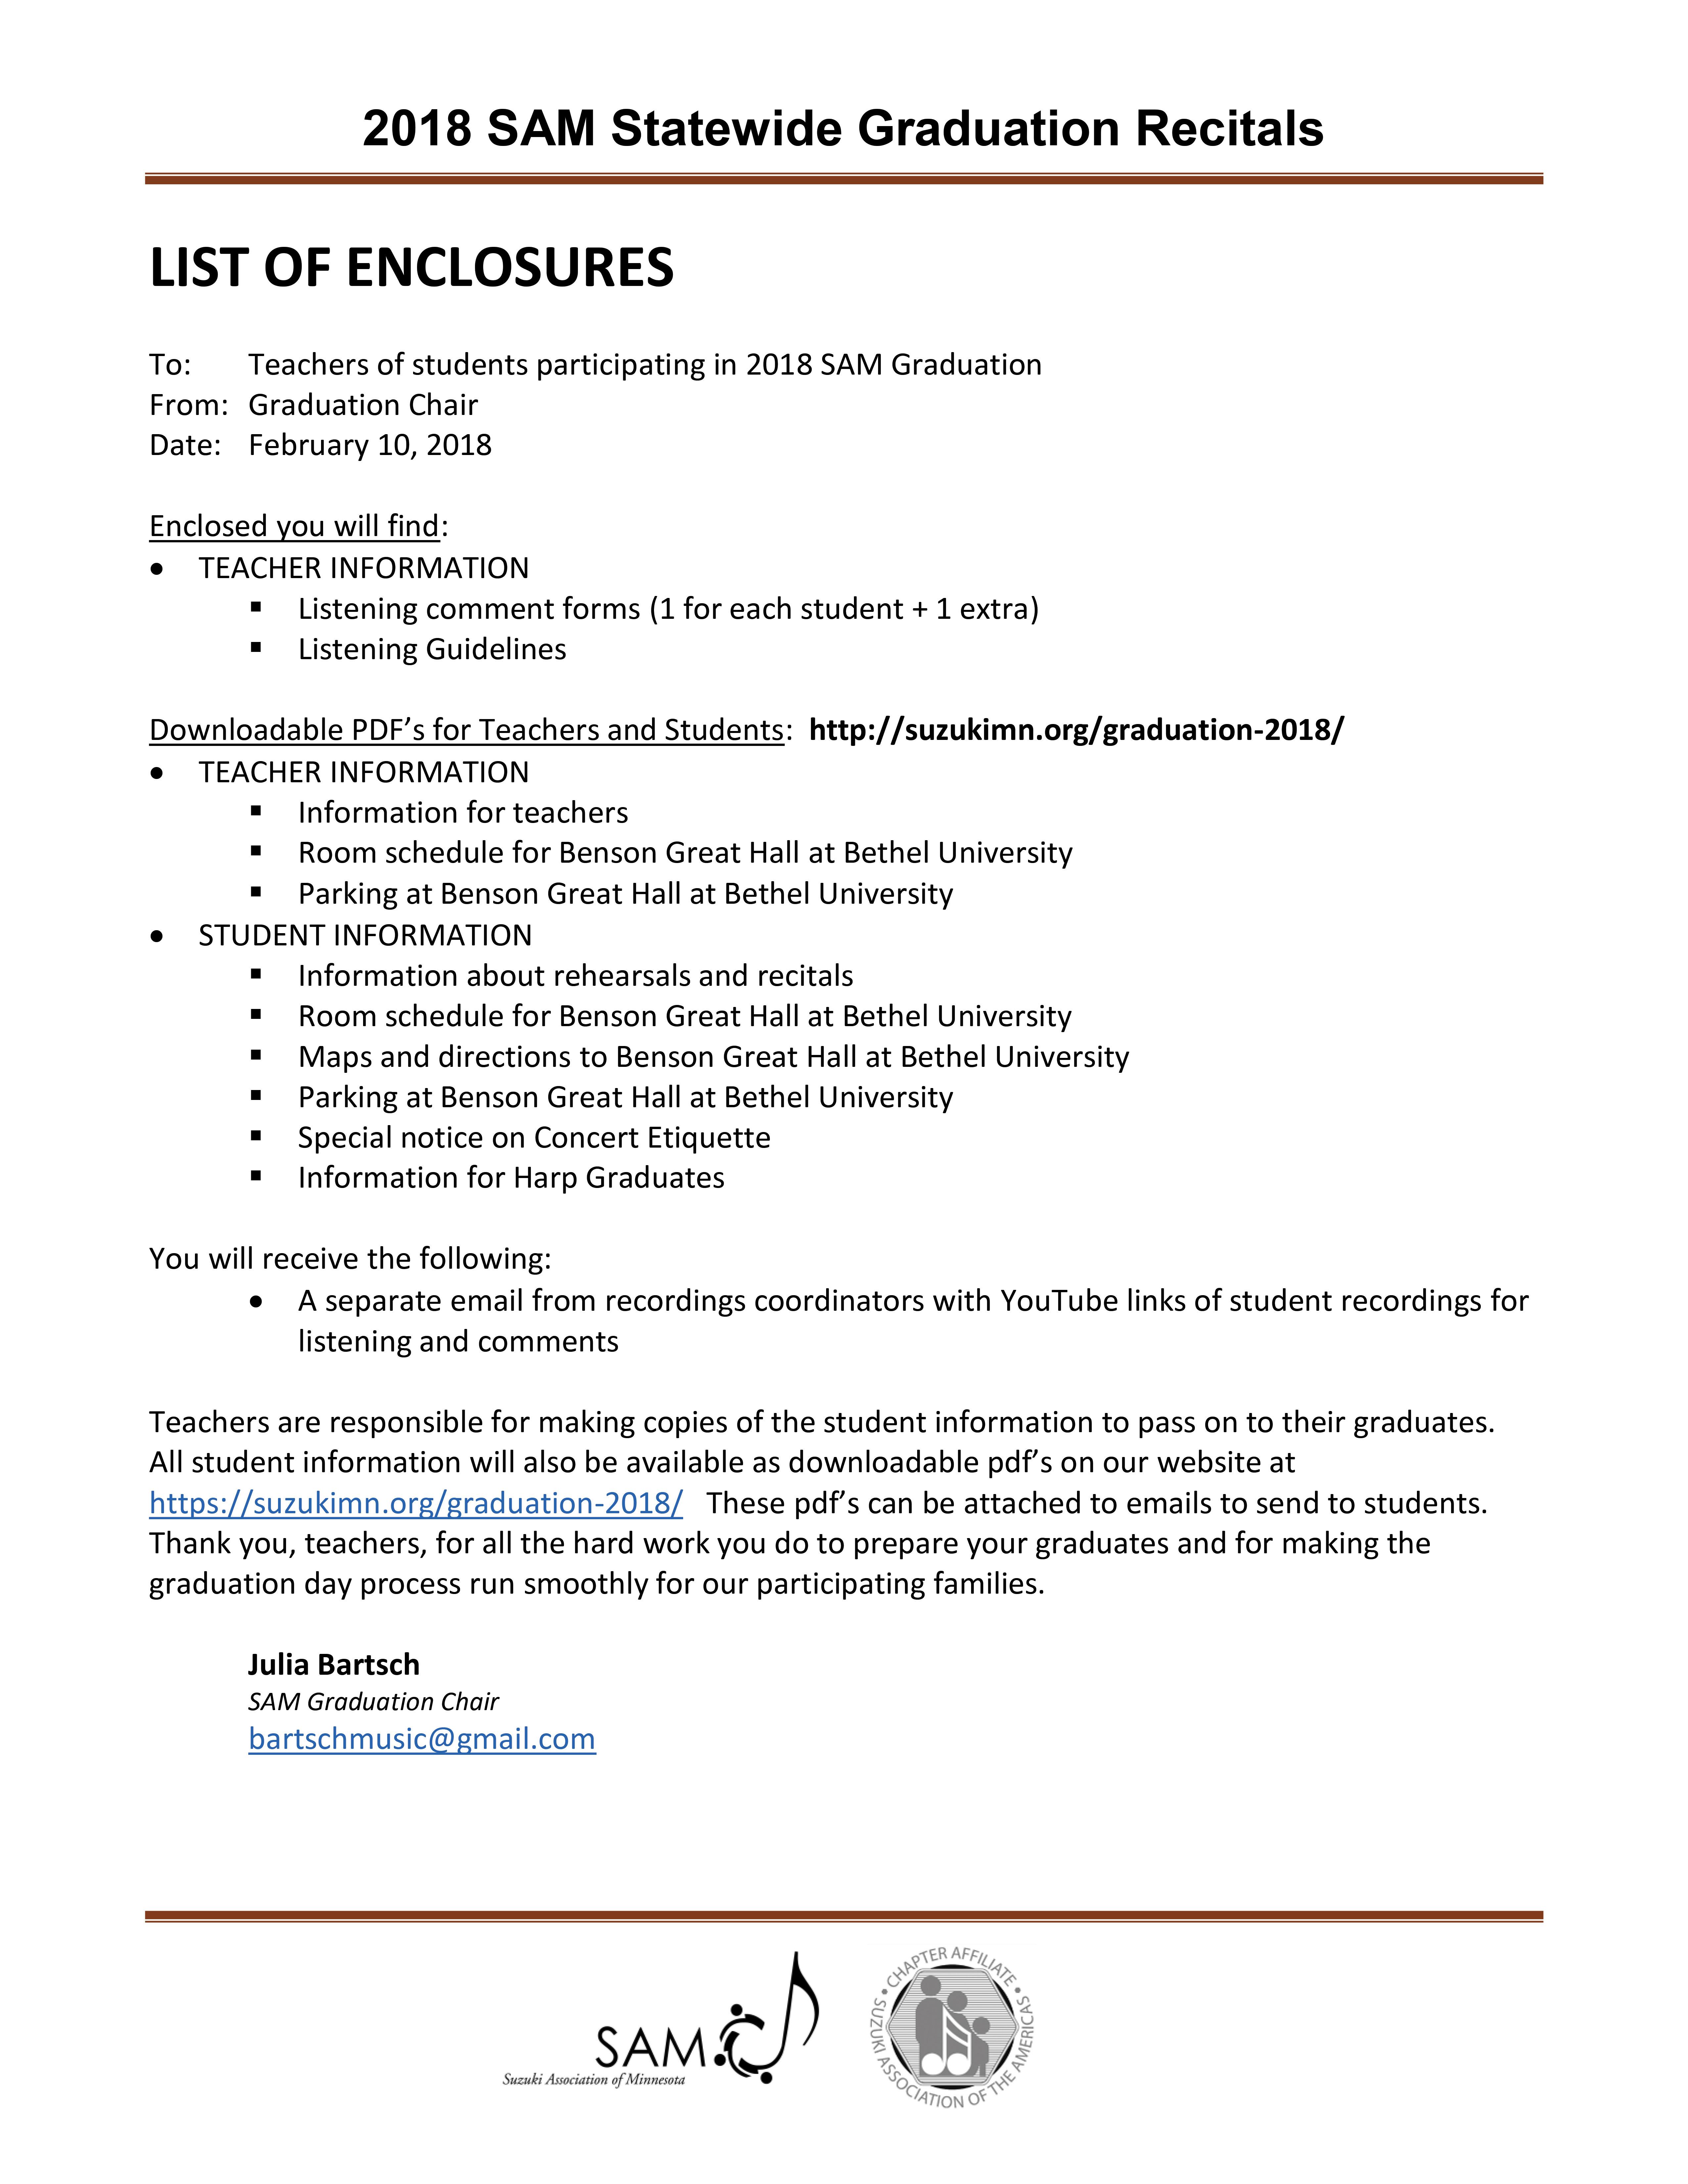 Teacher Enclosures